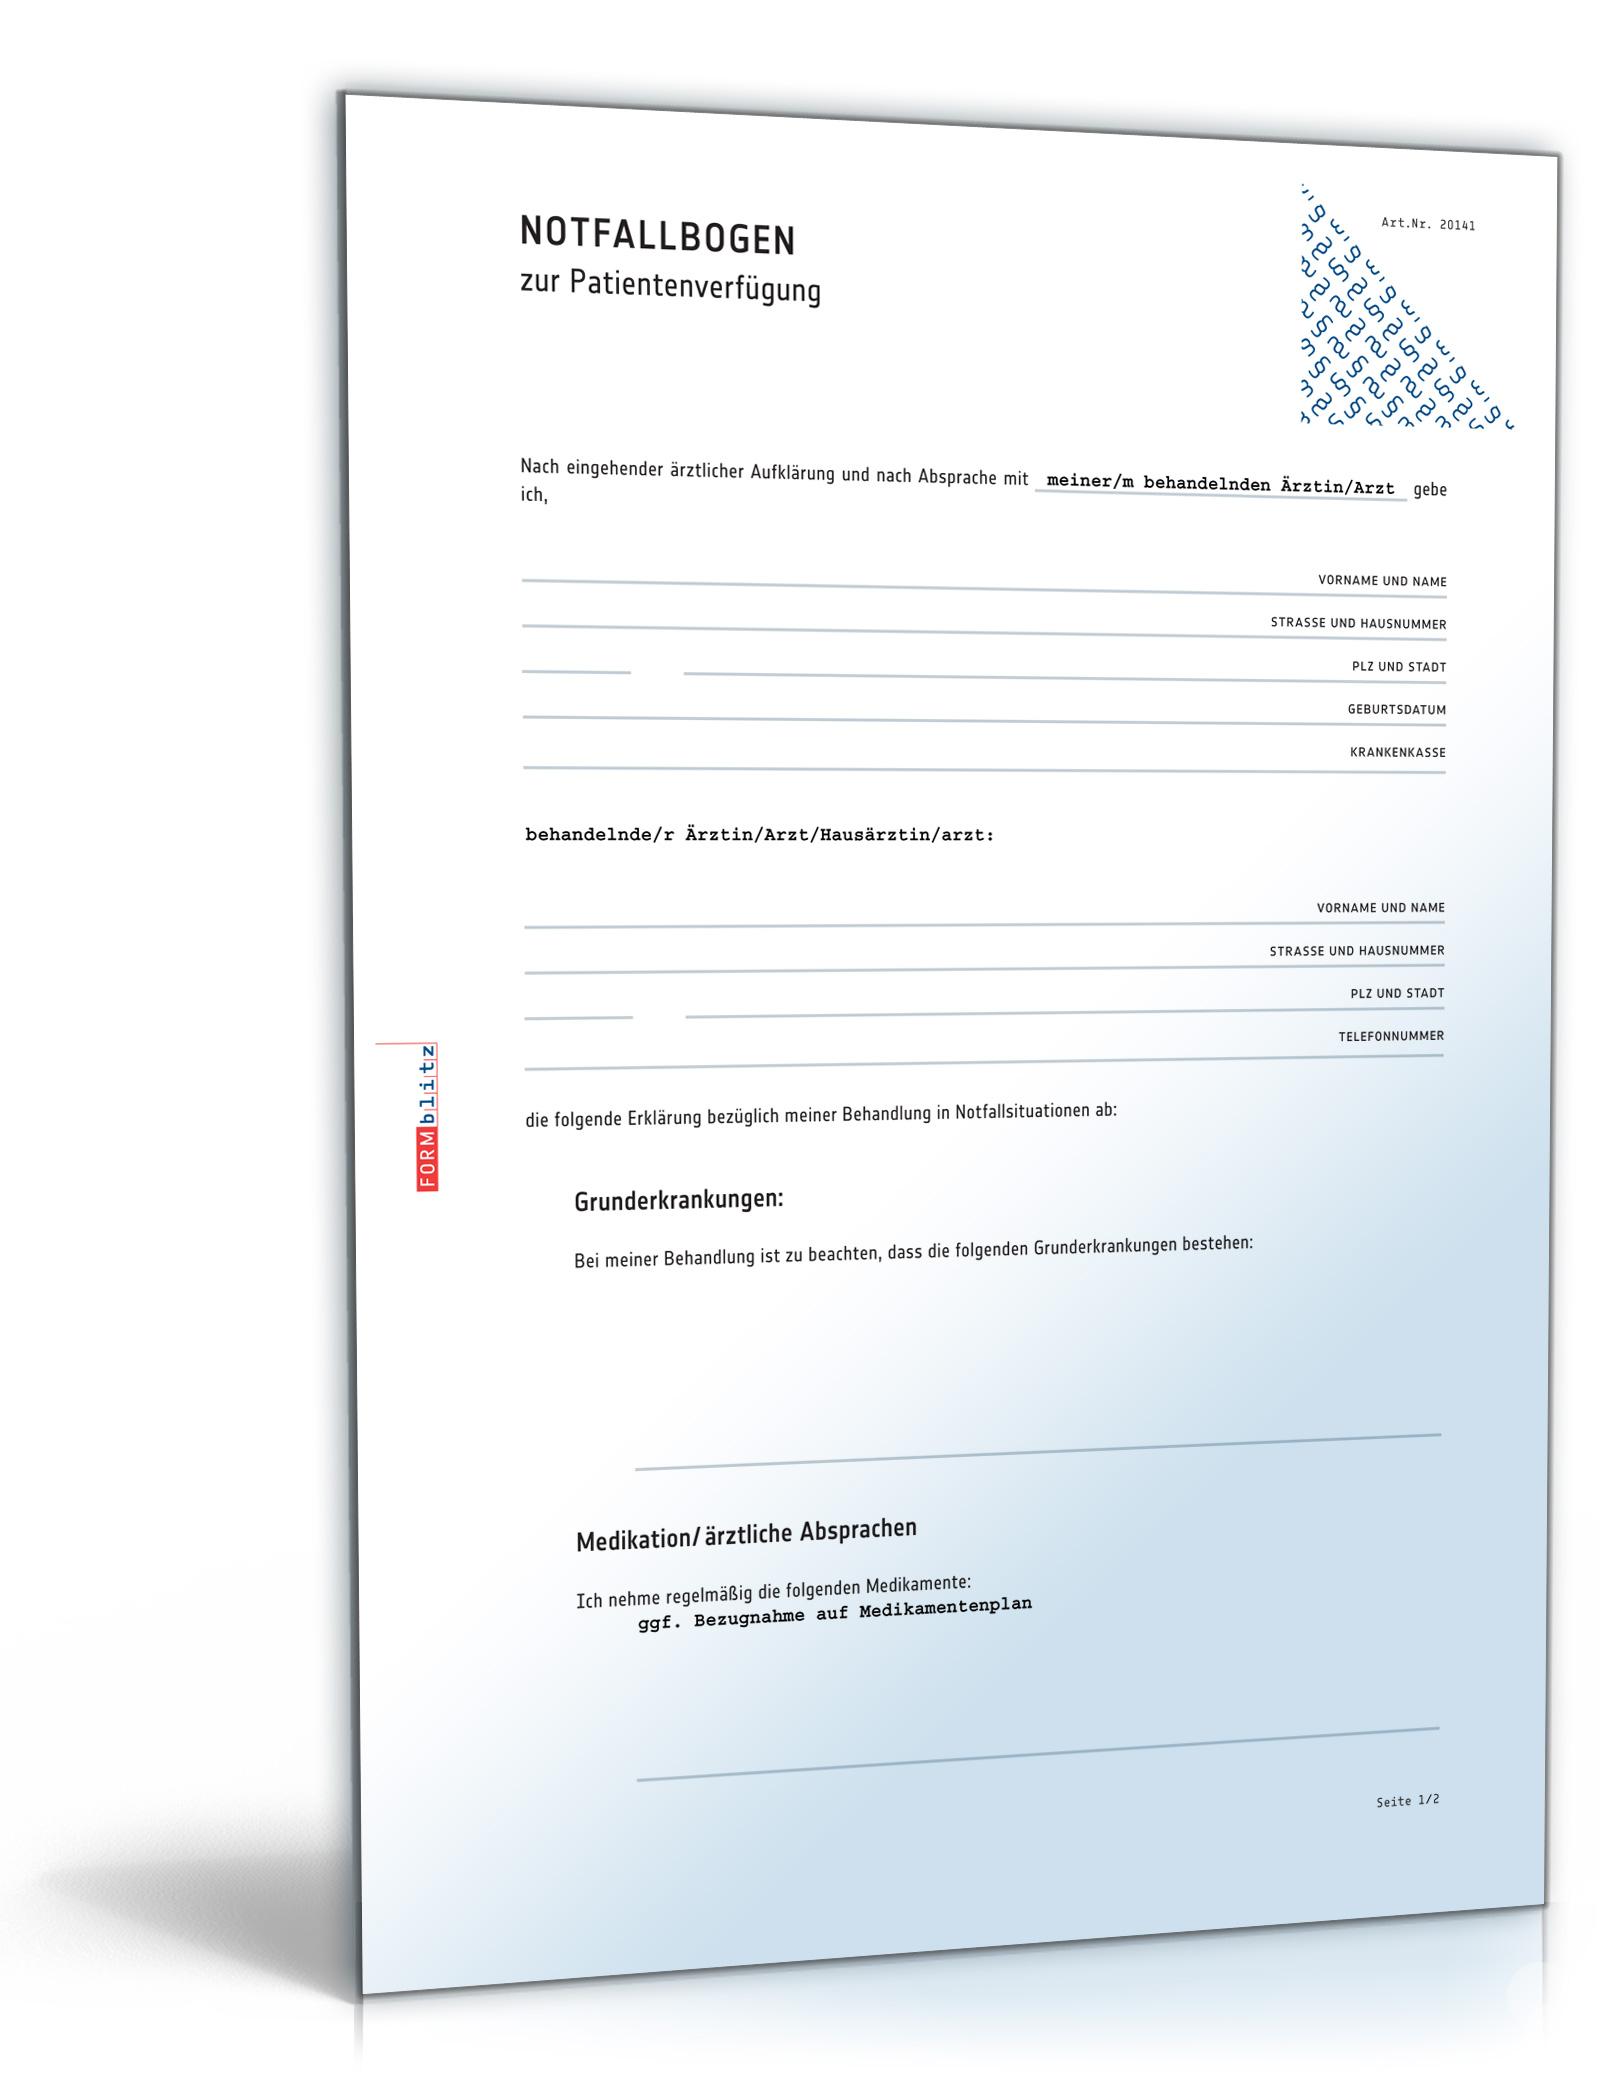 Notfallbogen Patientenverfügung Pdf Download Amazonde Software